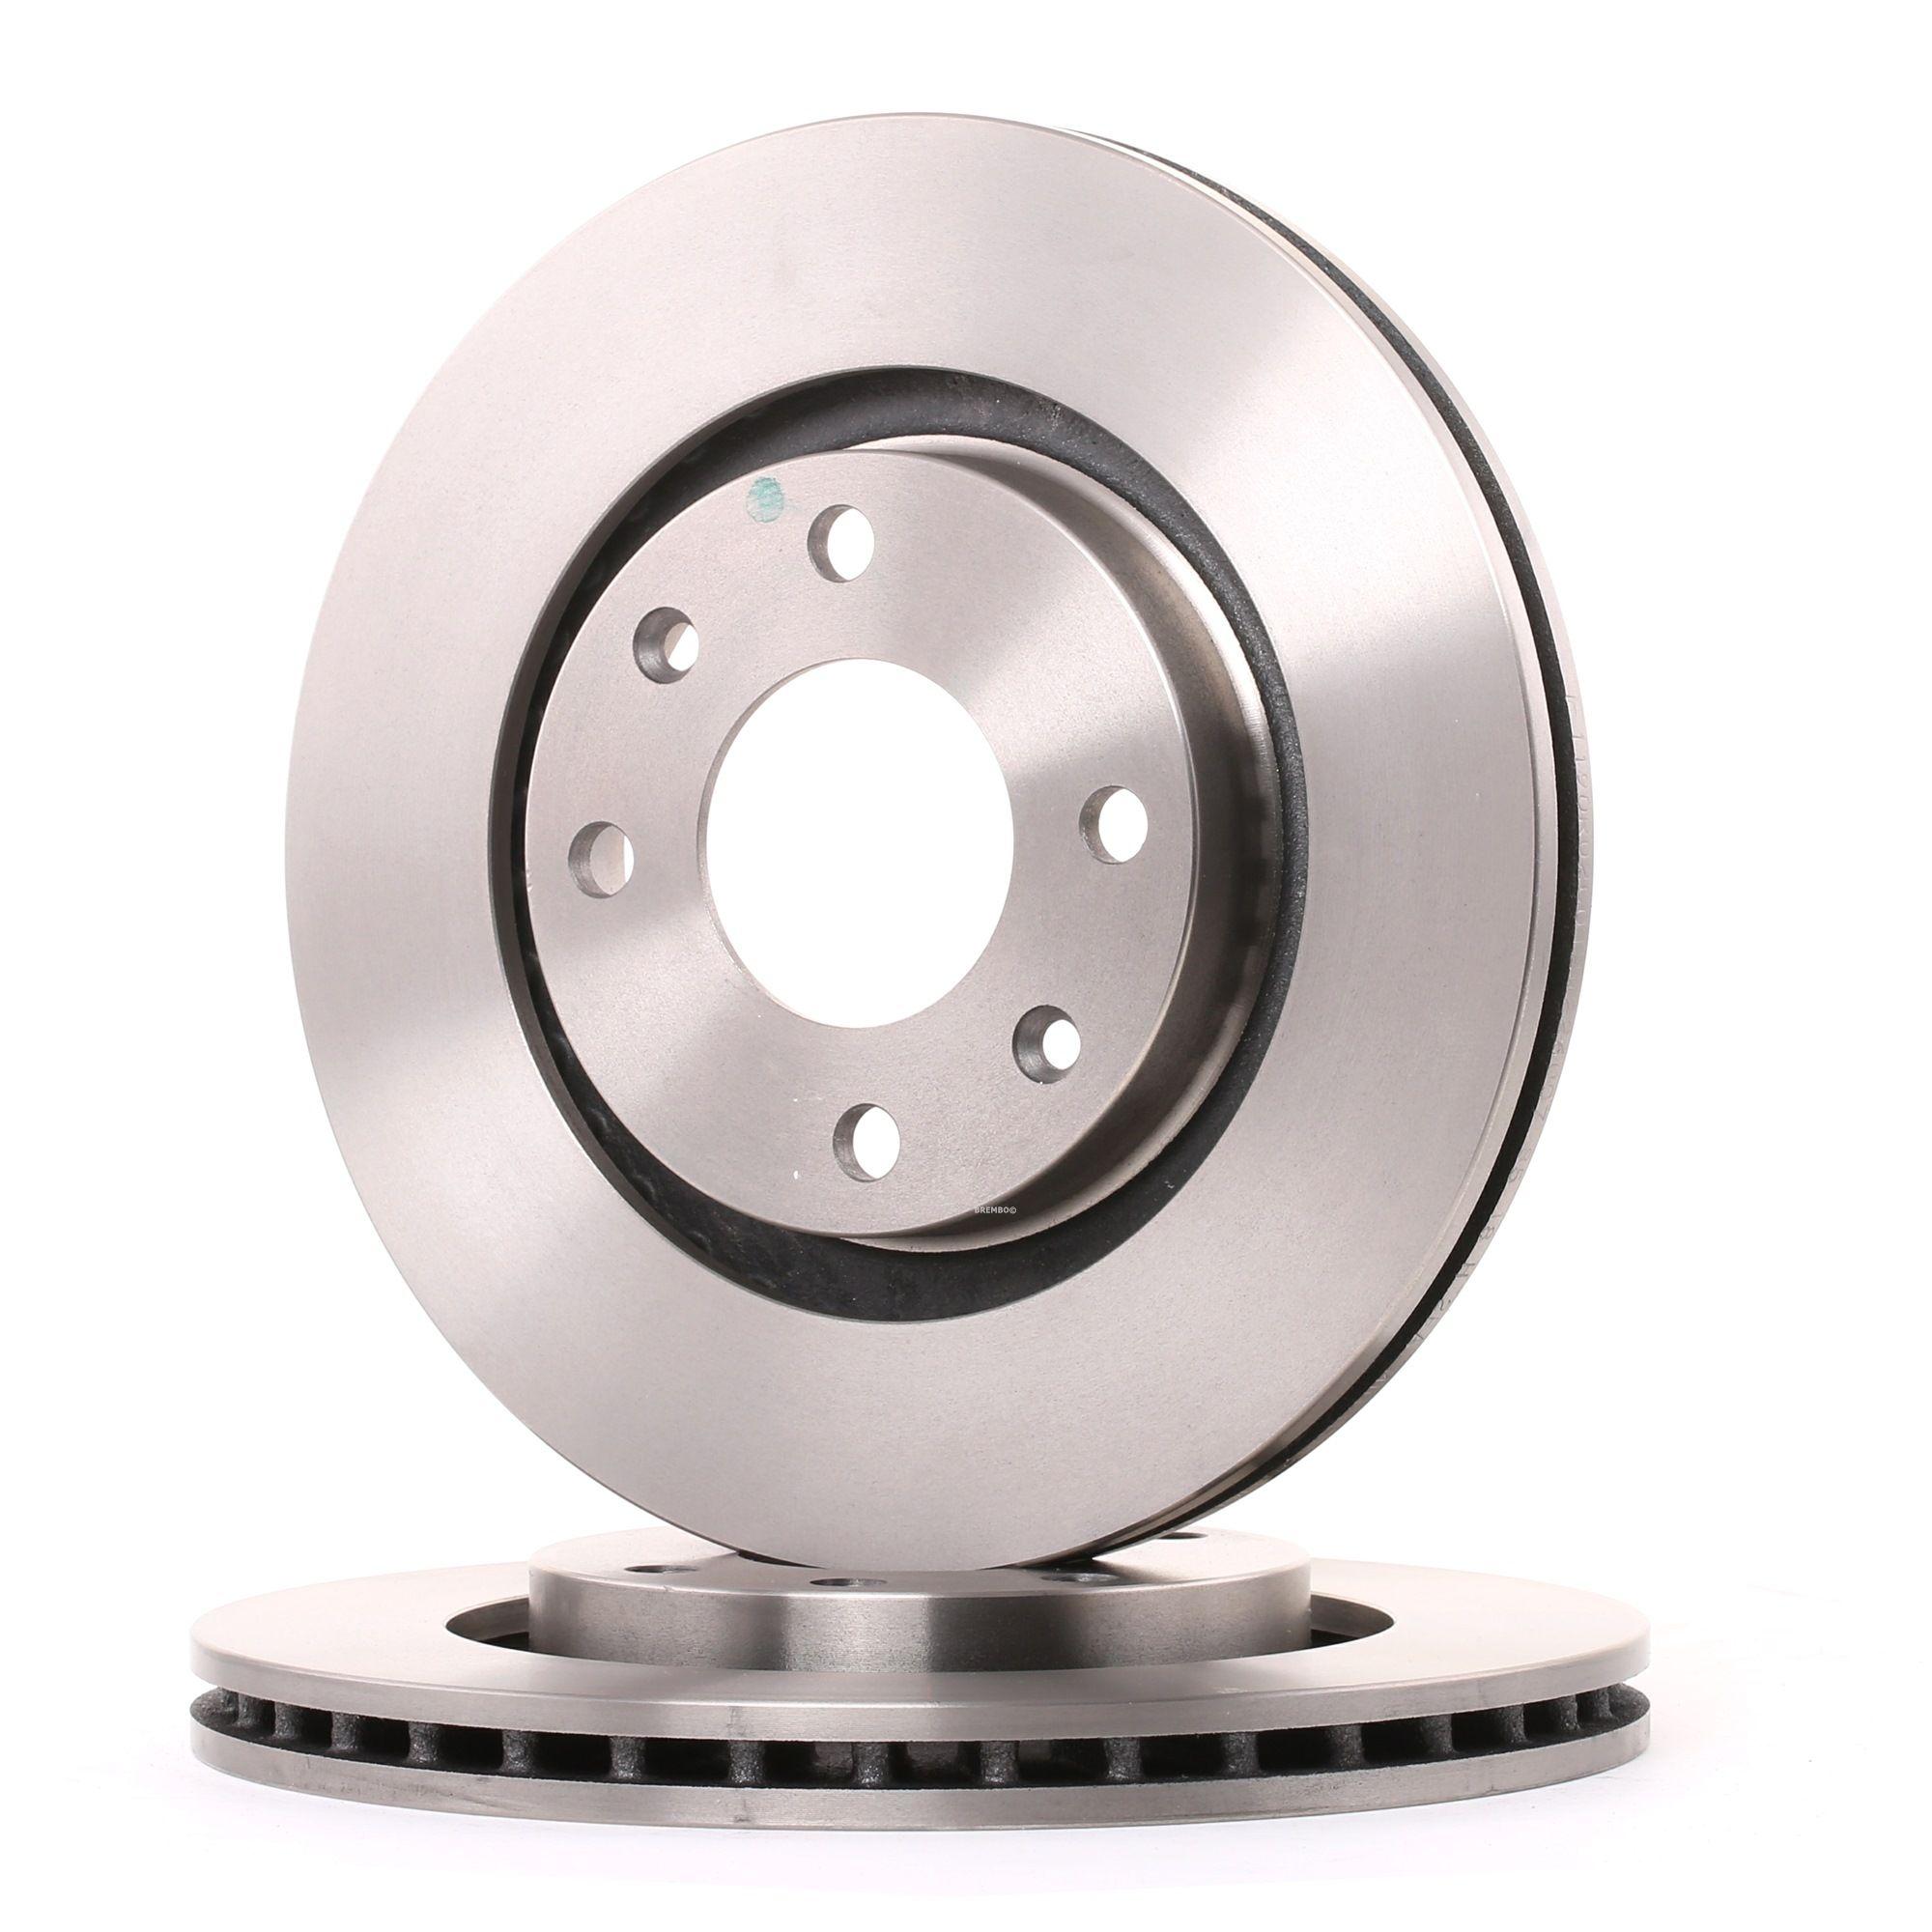 Achetez Disque BREMBO 09.8695.14 (Ø: 266mm, Nbre de trous: 4, Épaisseur du disque de frein: 22mm) à un rapport qualité-prix exceptionnel